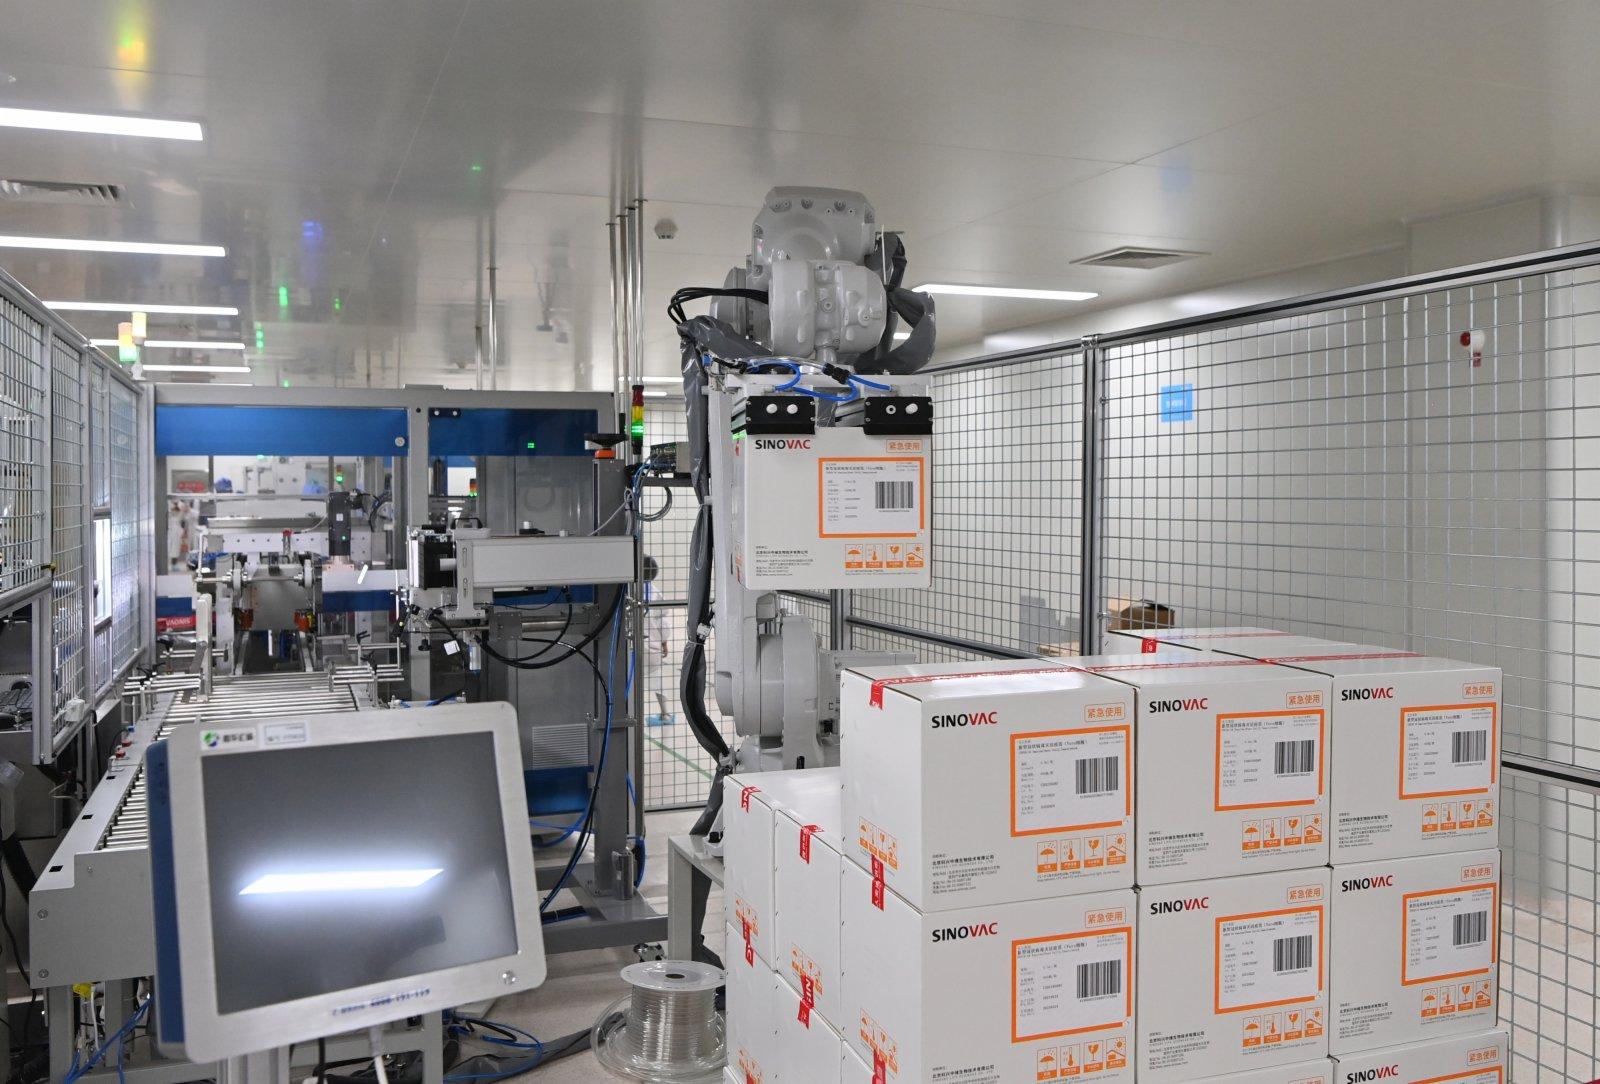 6月1日,位於北京市大興區的北京科興中維生物技術有限公司新冠疫苗包裝生產線上,5月中旬投用的碼垛機械人正在作業。據公司工作人員介紹,未來還將有至少6條包裝生產線投用碼垛機械人,以提高作業效率。  (香港中通社)